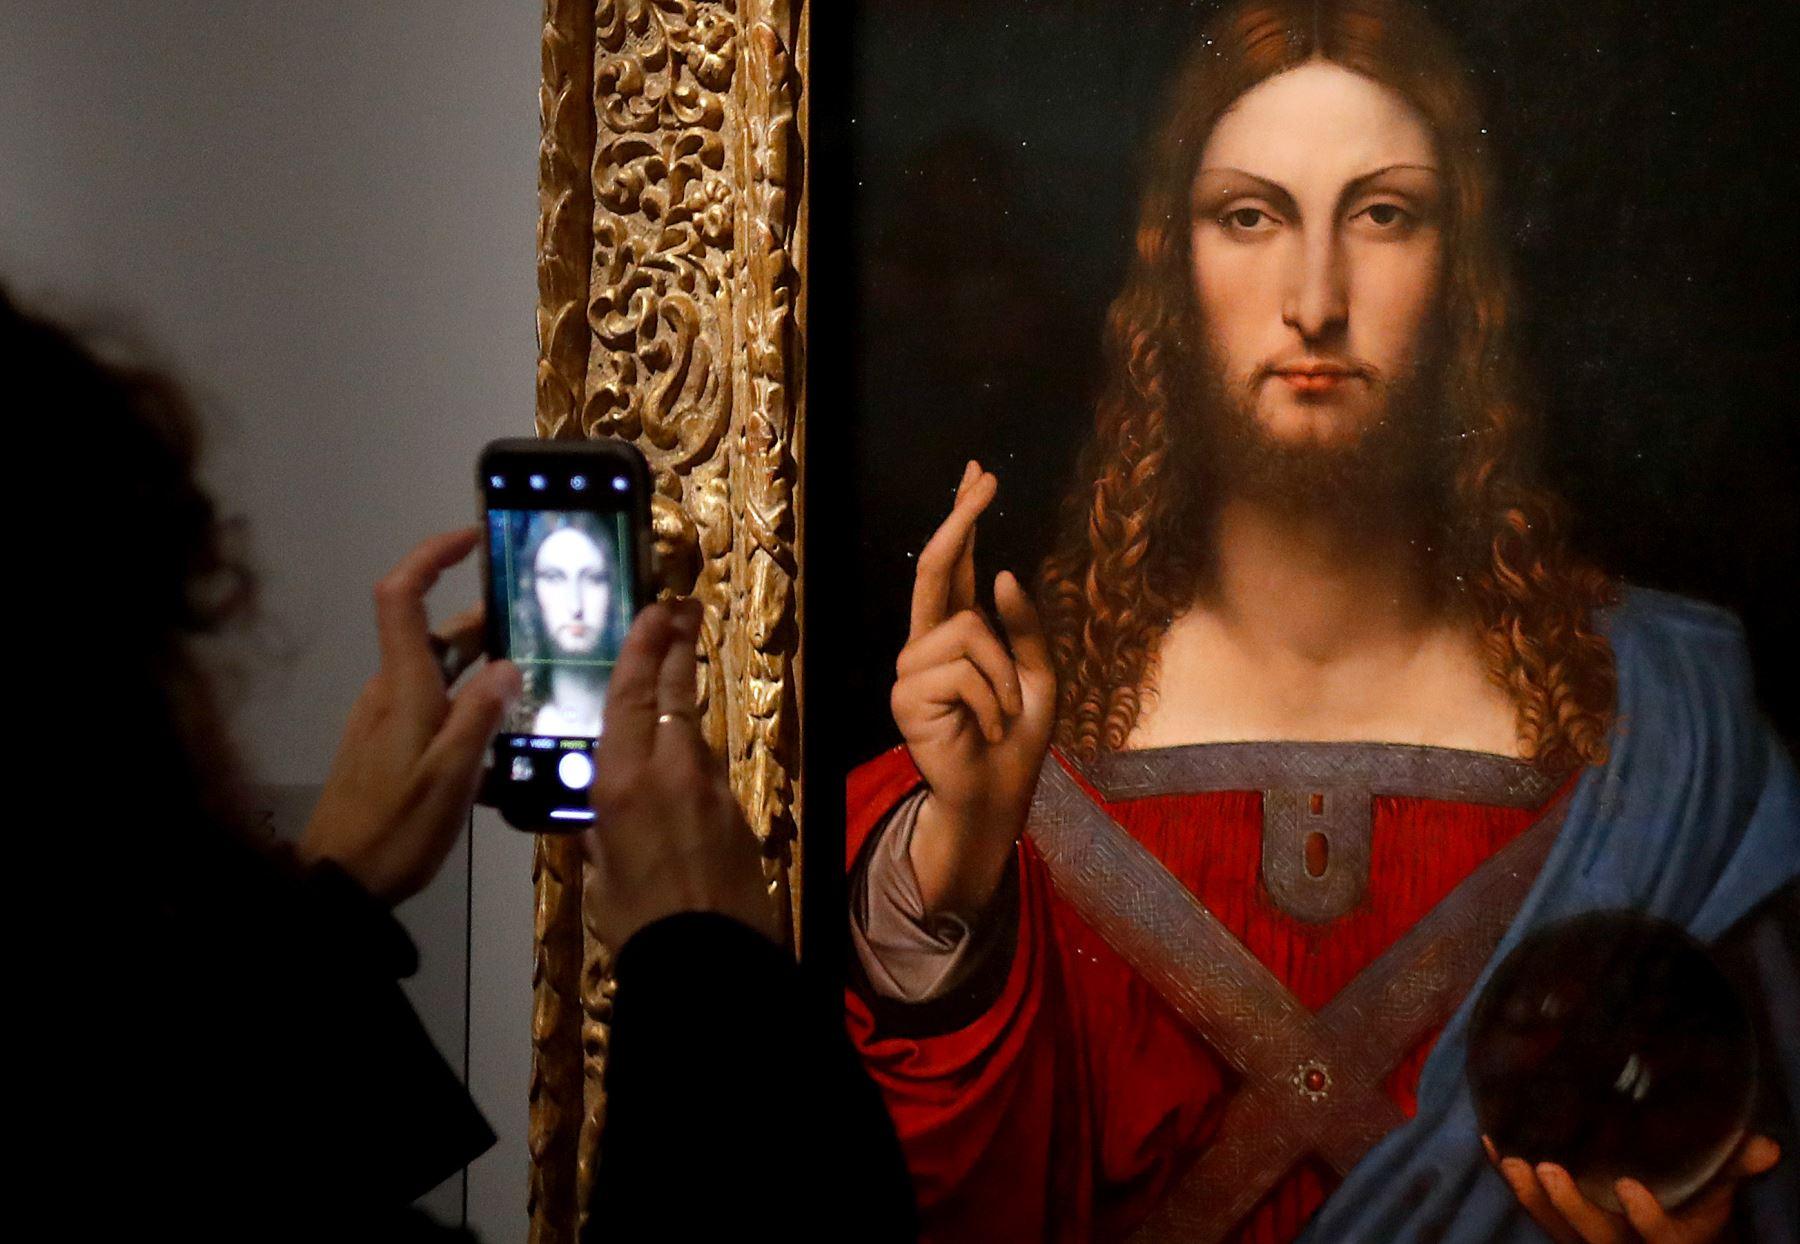 """Una persona toma una fotografía con un teléfono móvil en una pintura al óleo de """"Salvator Mundi"""" de Leonardo da Vinci, durante la inauguración de la exposición """"Leonardo da Vinci"""", el 22 de octubre de 2019 en el museo del Louvre. Foto: AFP"""